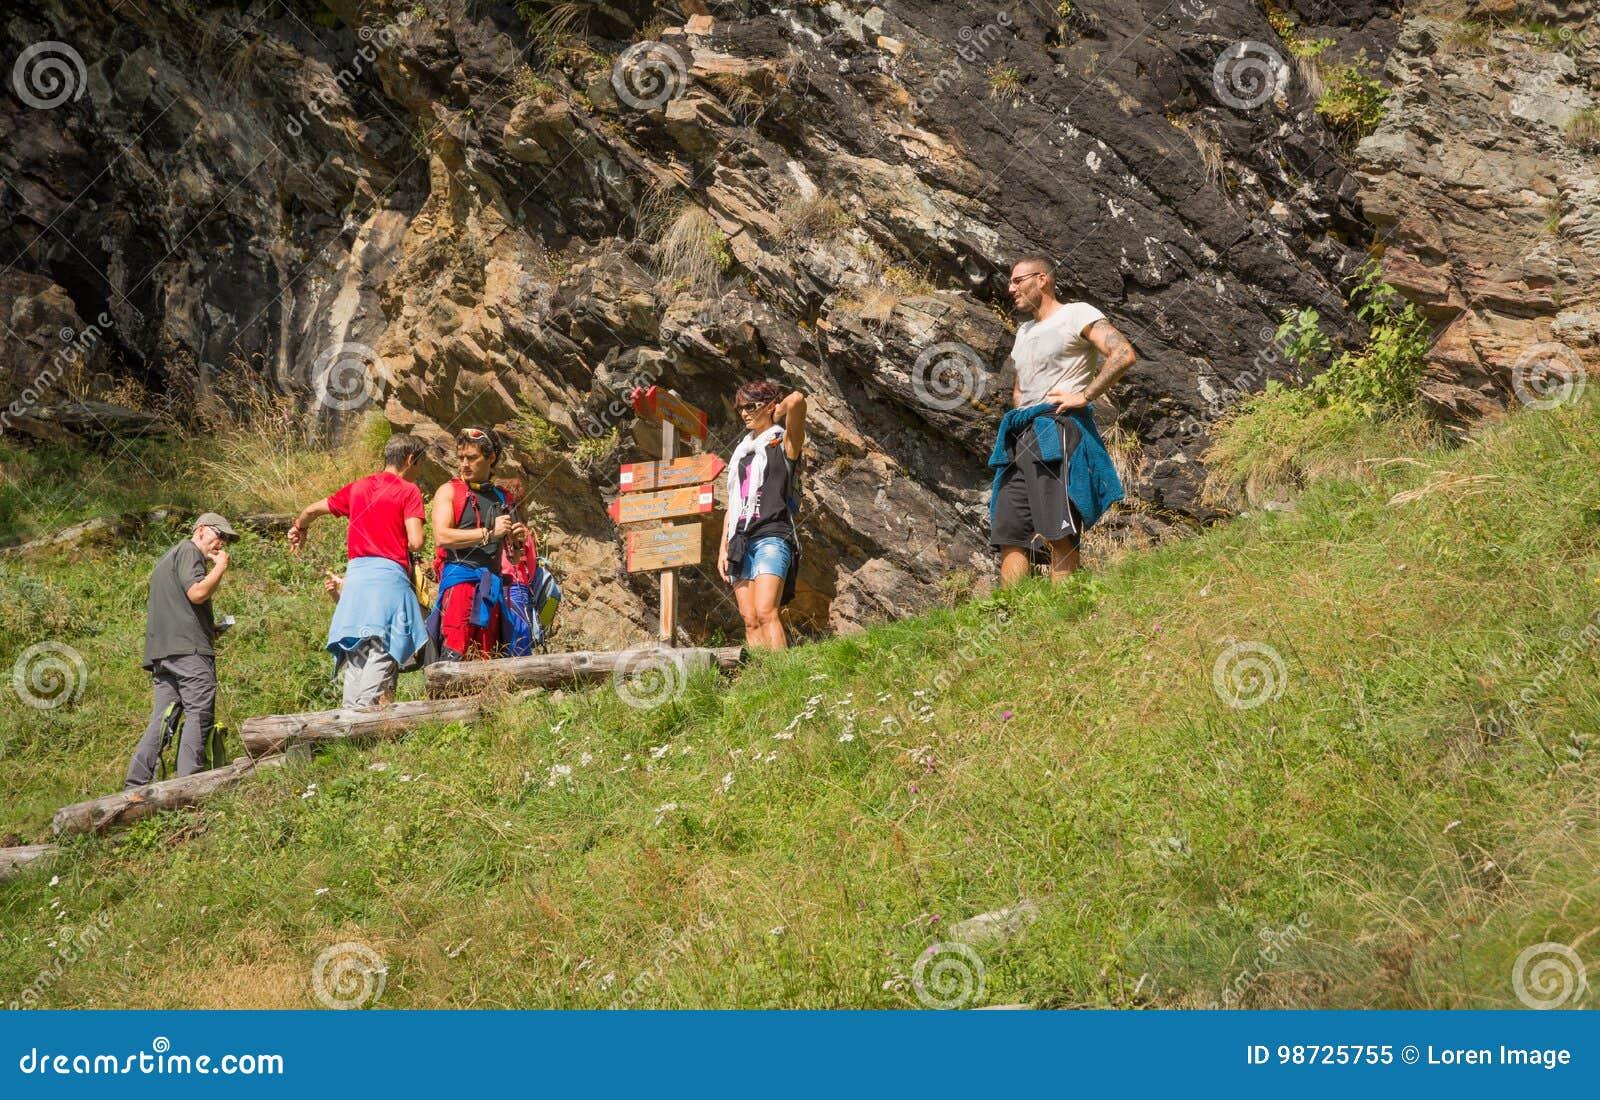 足迹的远足者在山的上面 犹太教教士谷,特伦托自治省女低音阿迪杰,意大利